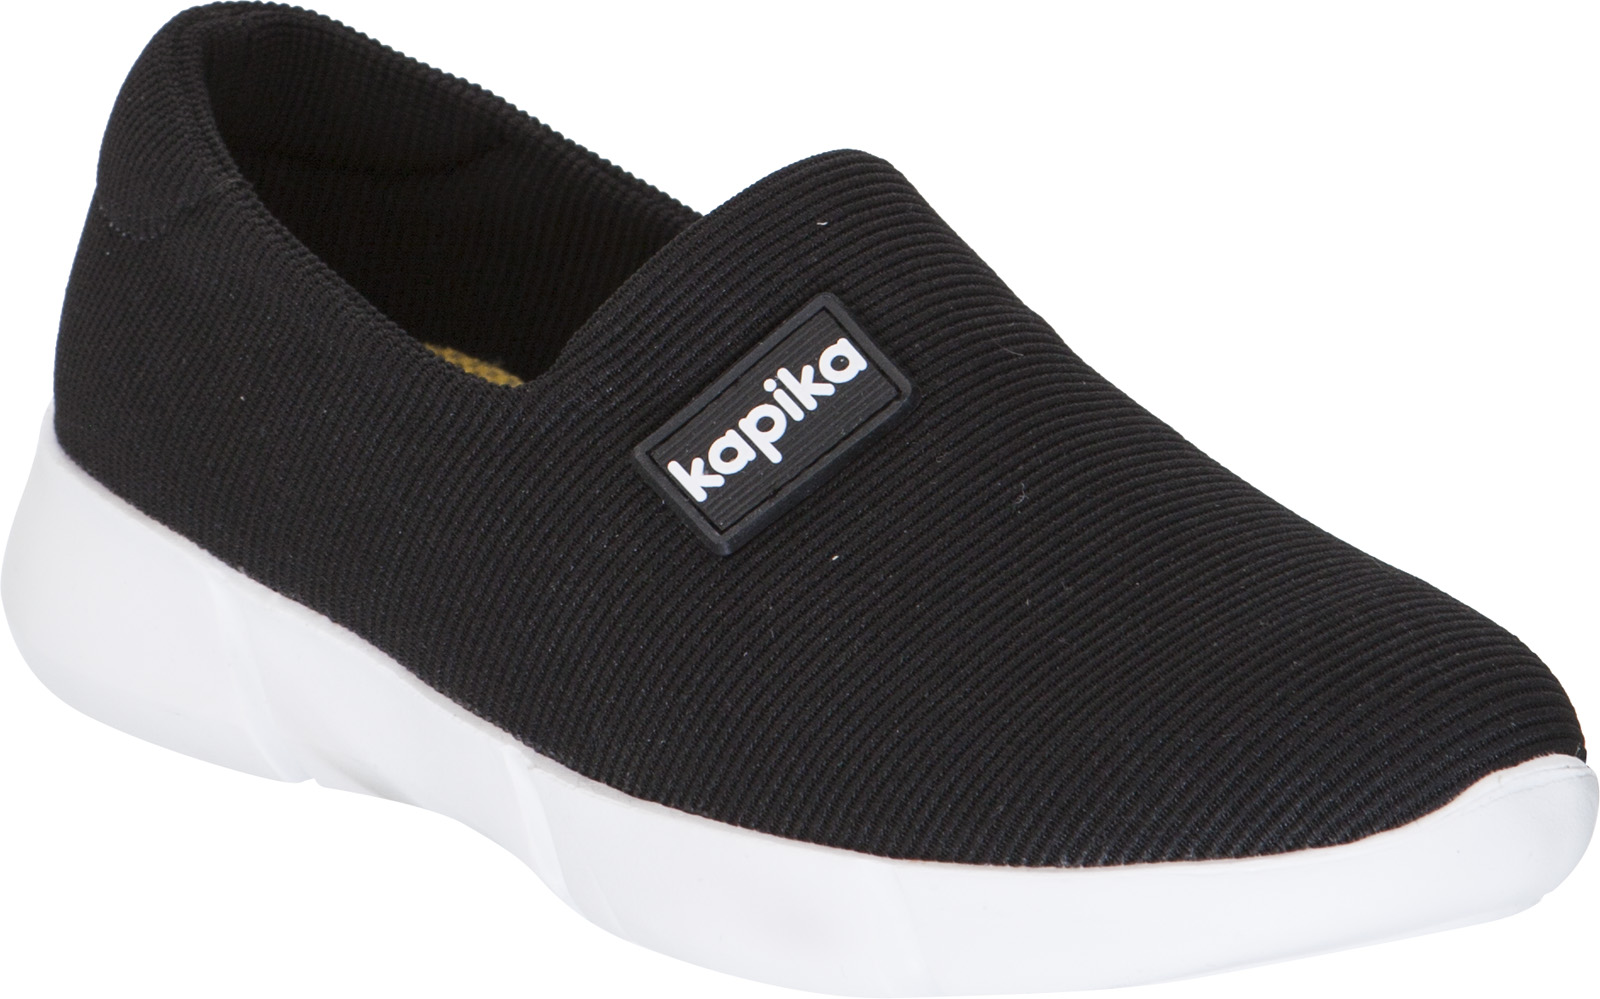 Кроссовки для девочки Kapika, цвет: черный. 73276-5. Размер 3473276-5